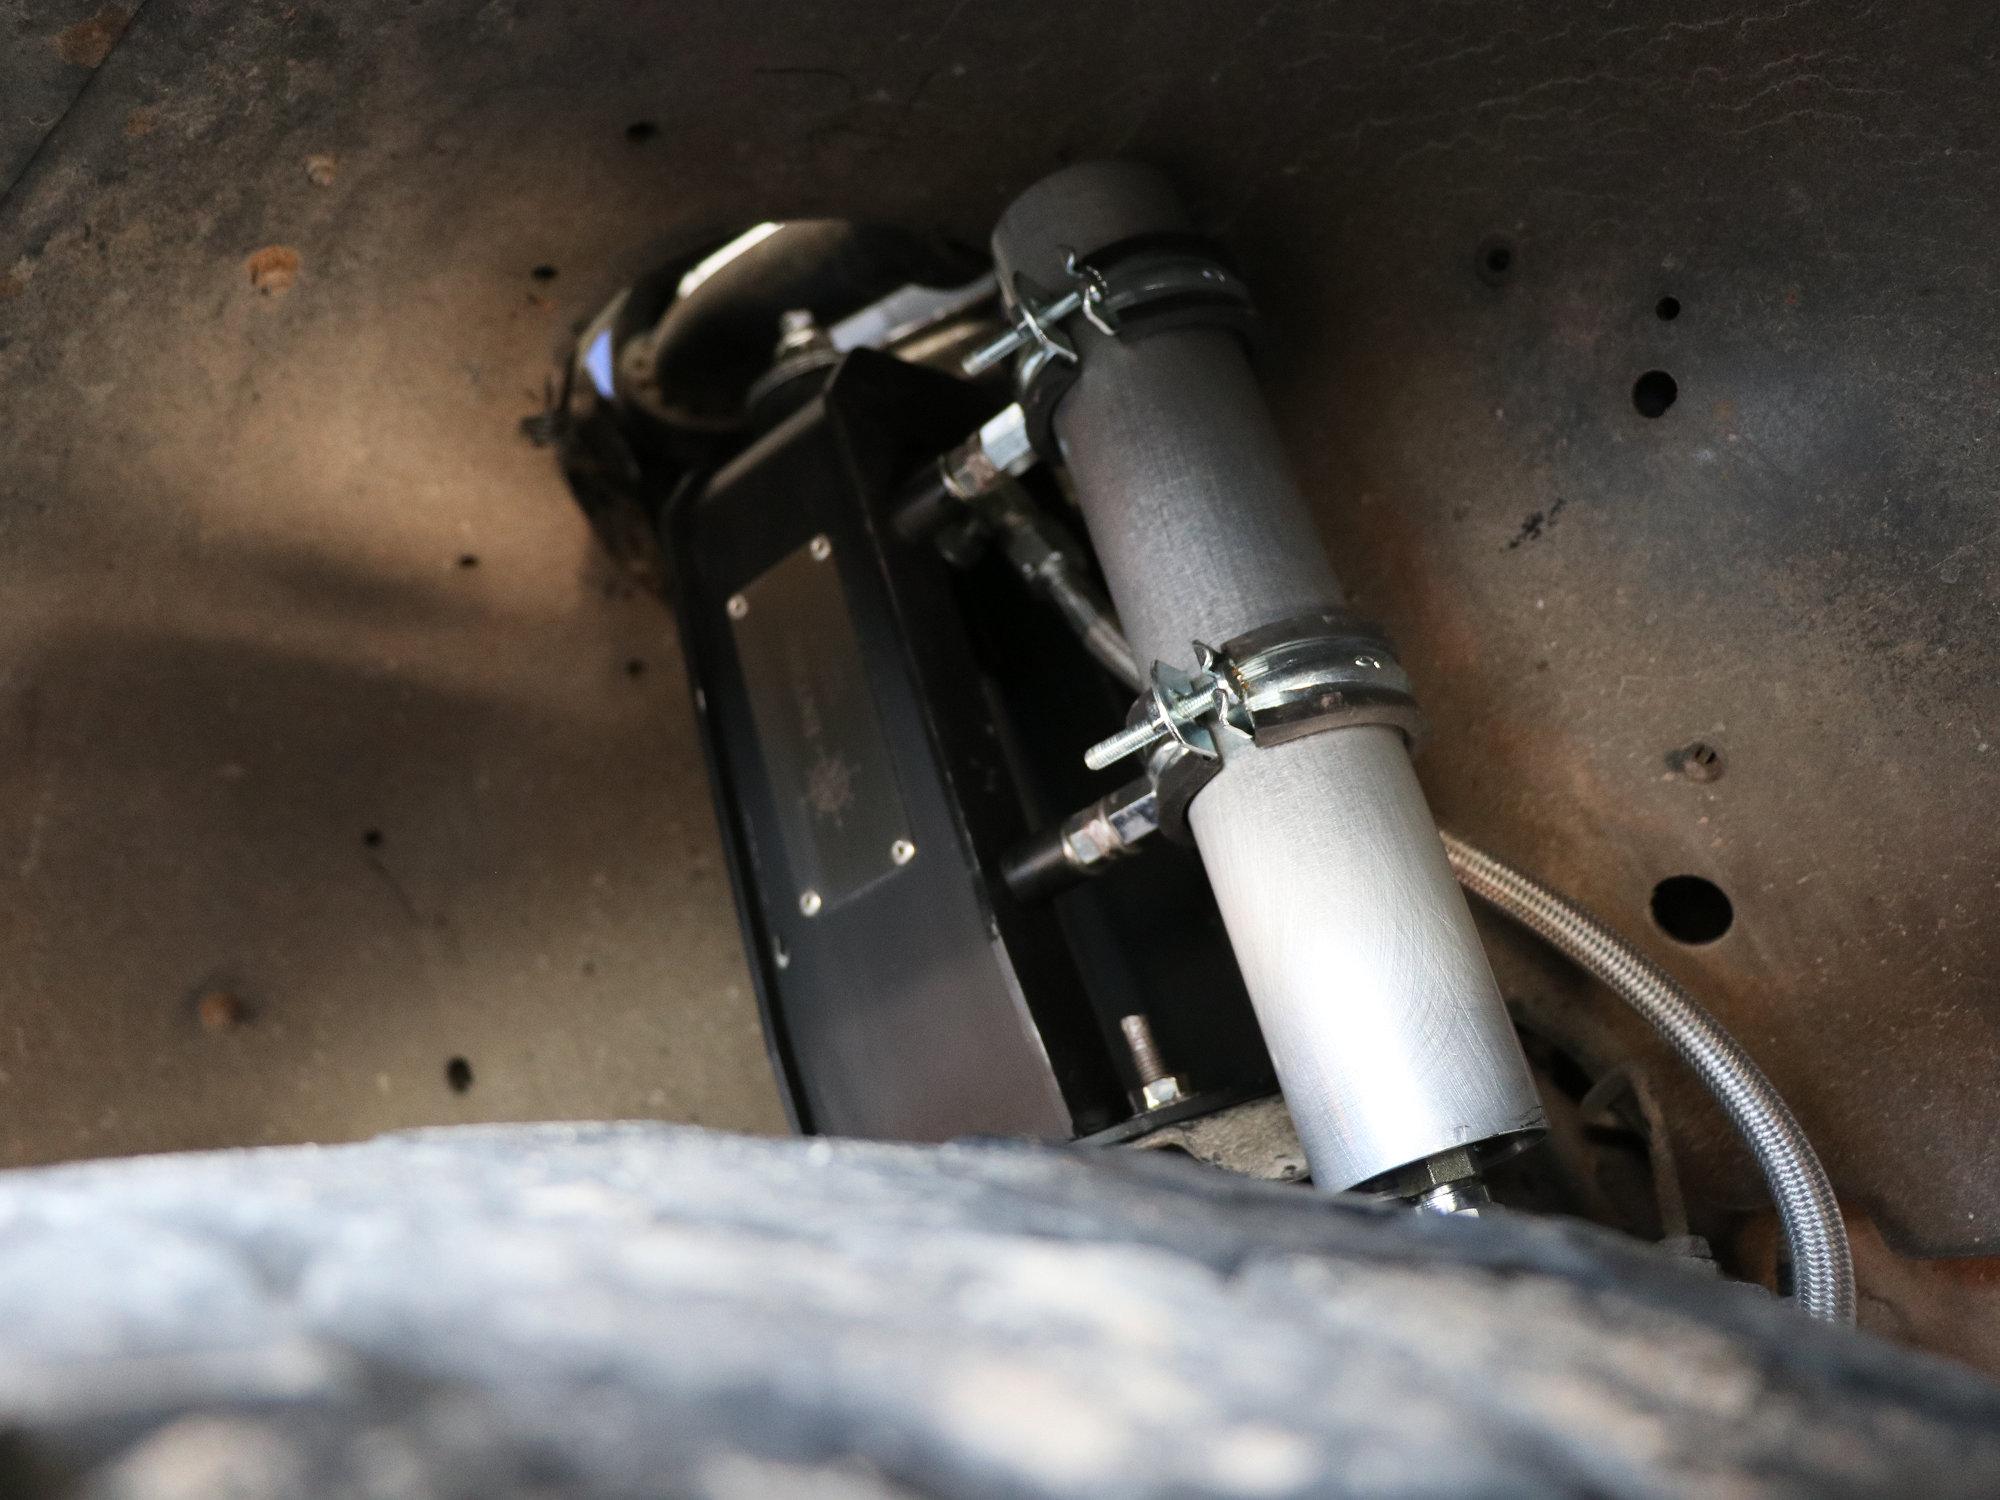 Radflo-Stoßdämpfer mit Ausgleichsbehälter an der Vorderachse